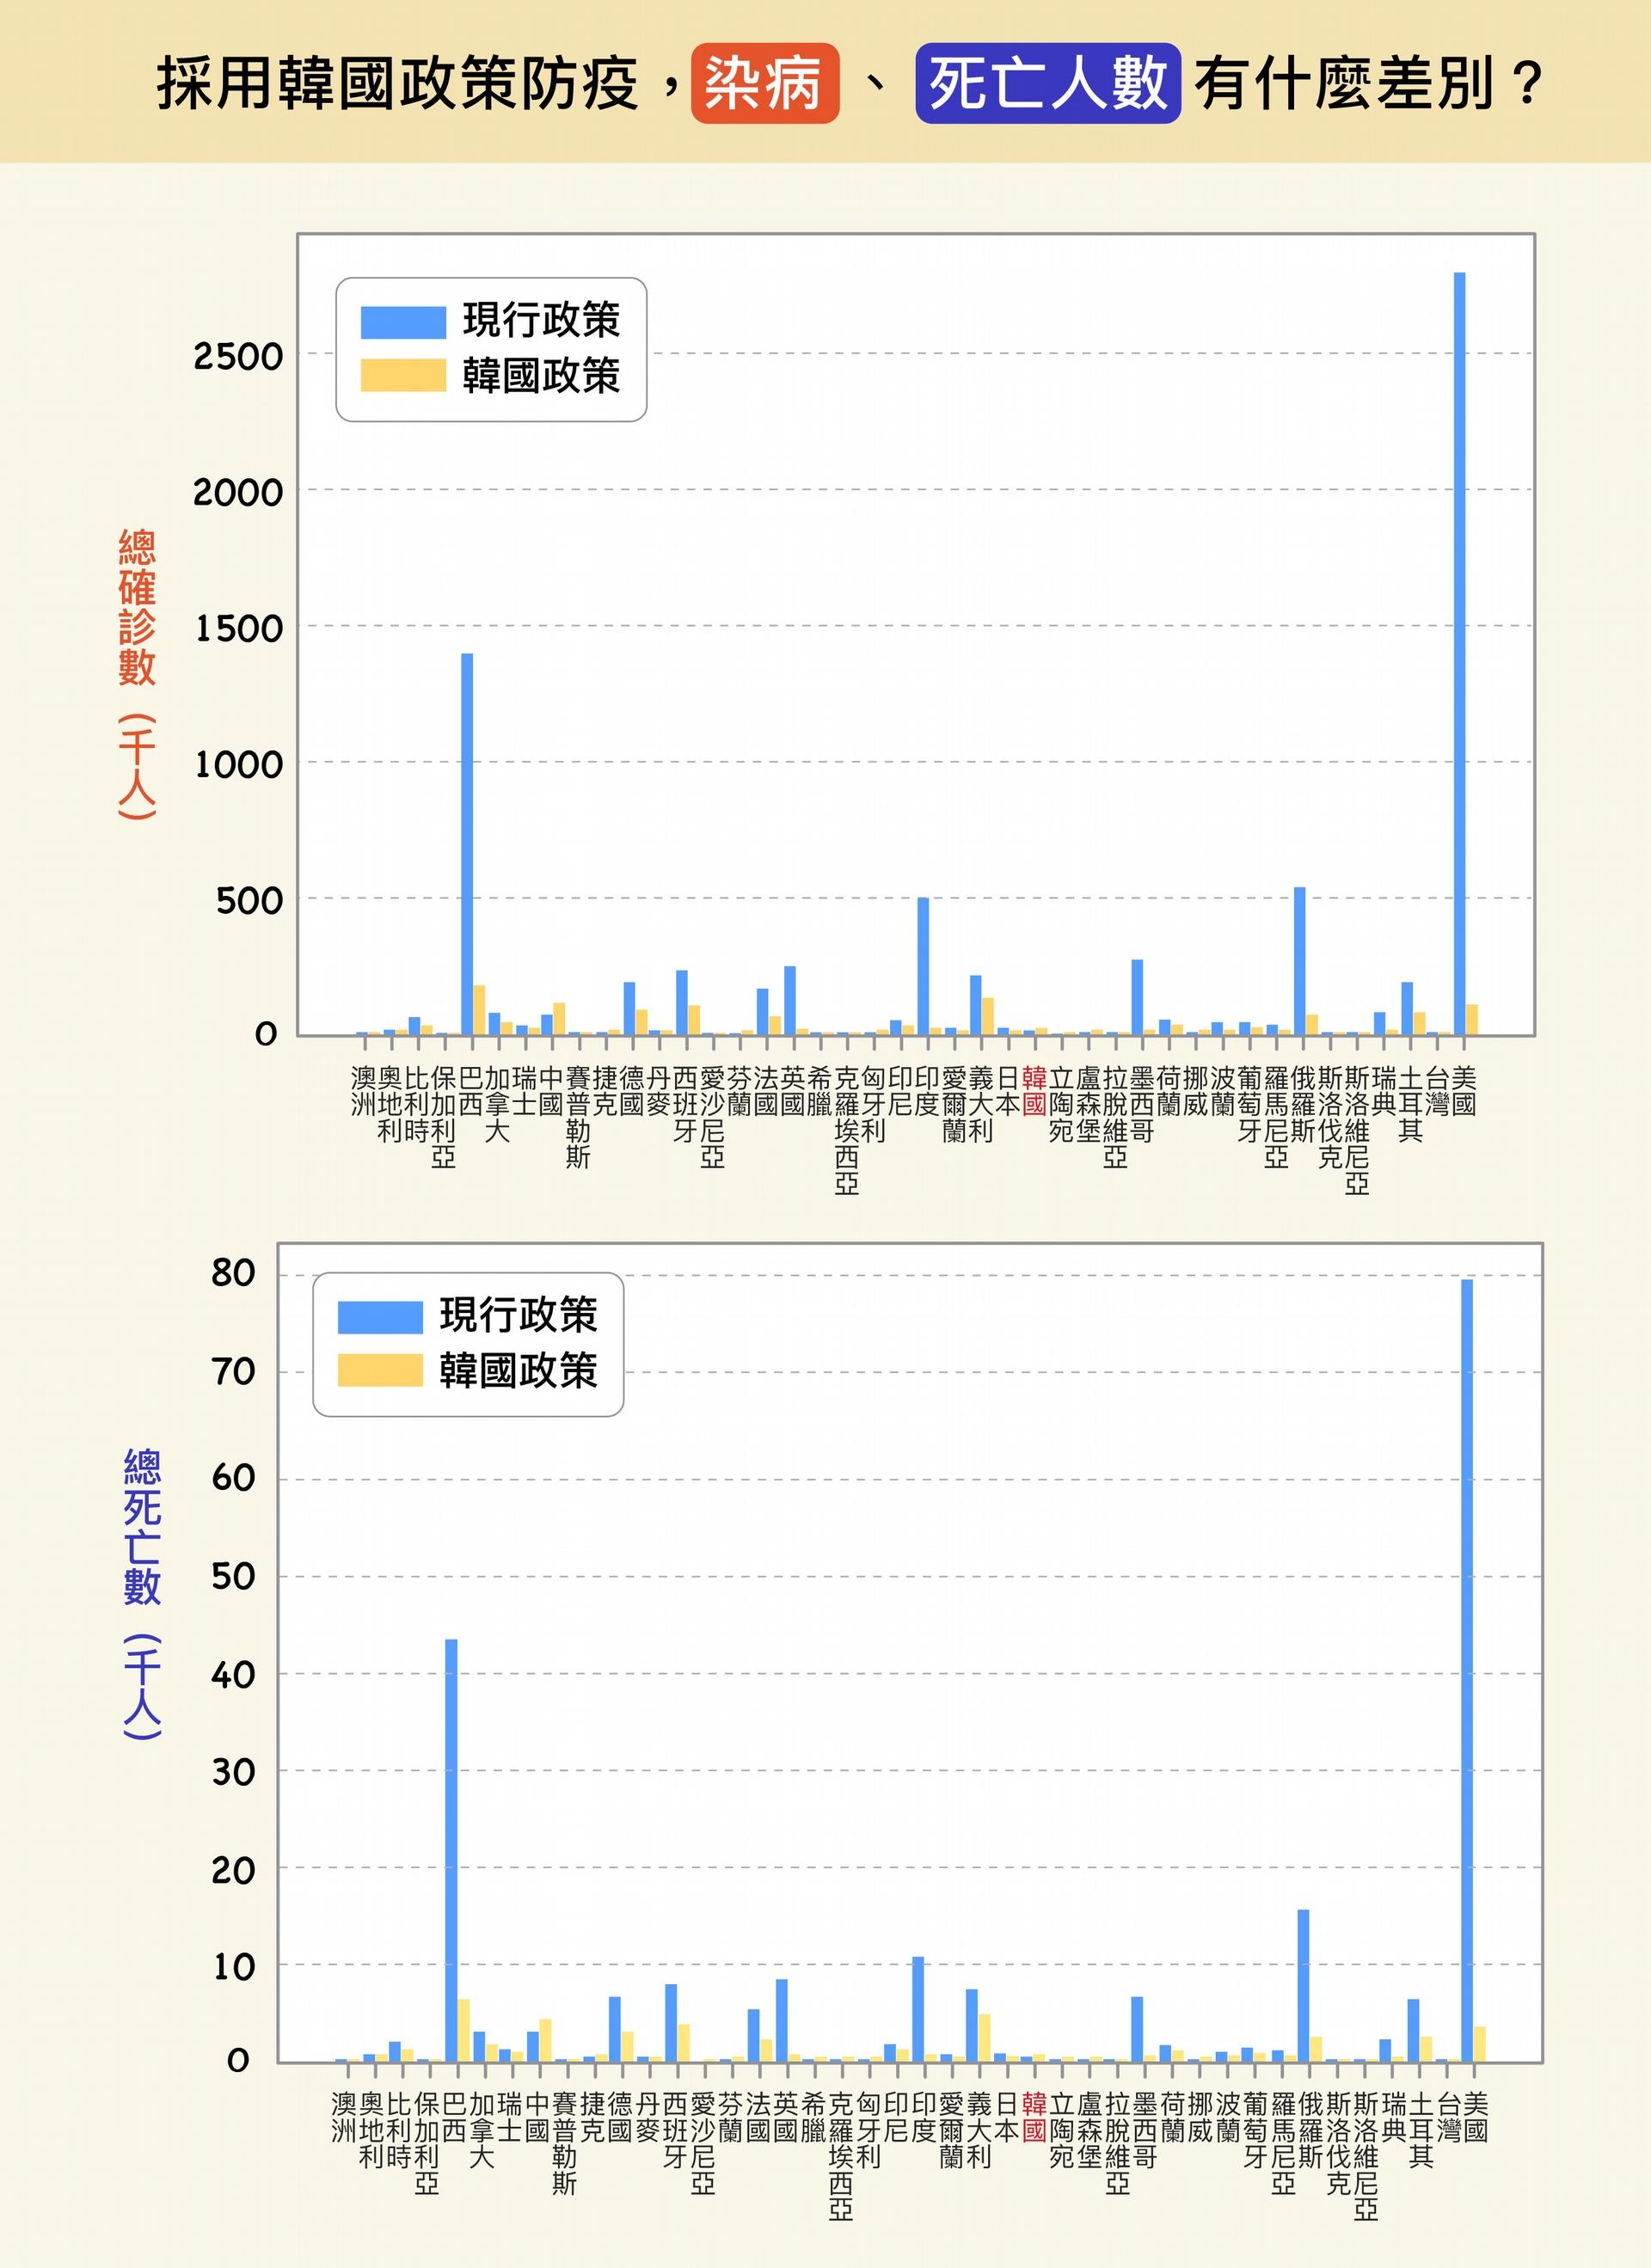 若各國採用韓國防疫模式作為替代政策,不論是染病人數、死亡人數,幾乎都會大幅降低。 圖│研之有物(原圖、資料來源│楊宗翰、許文泰、林軒馳)